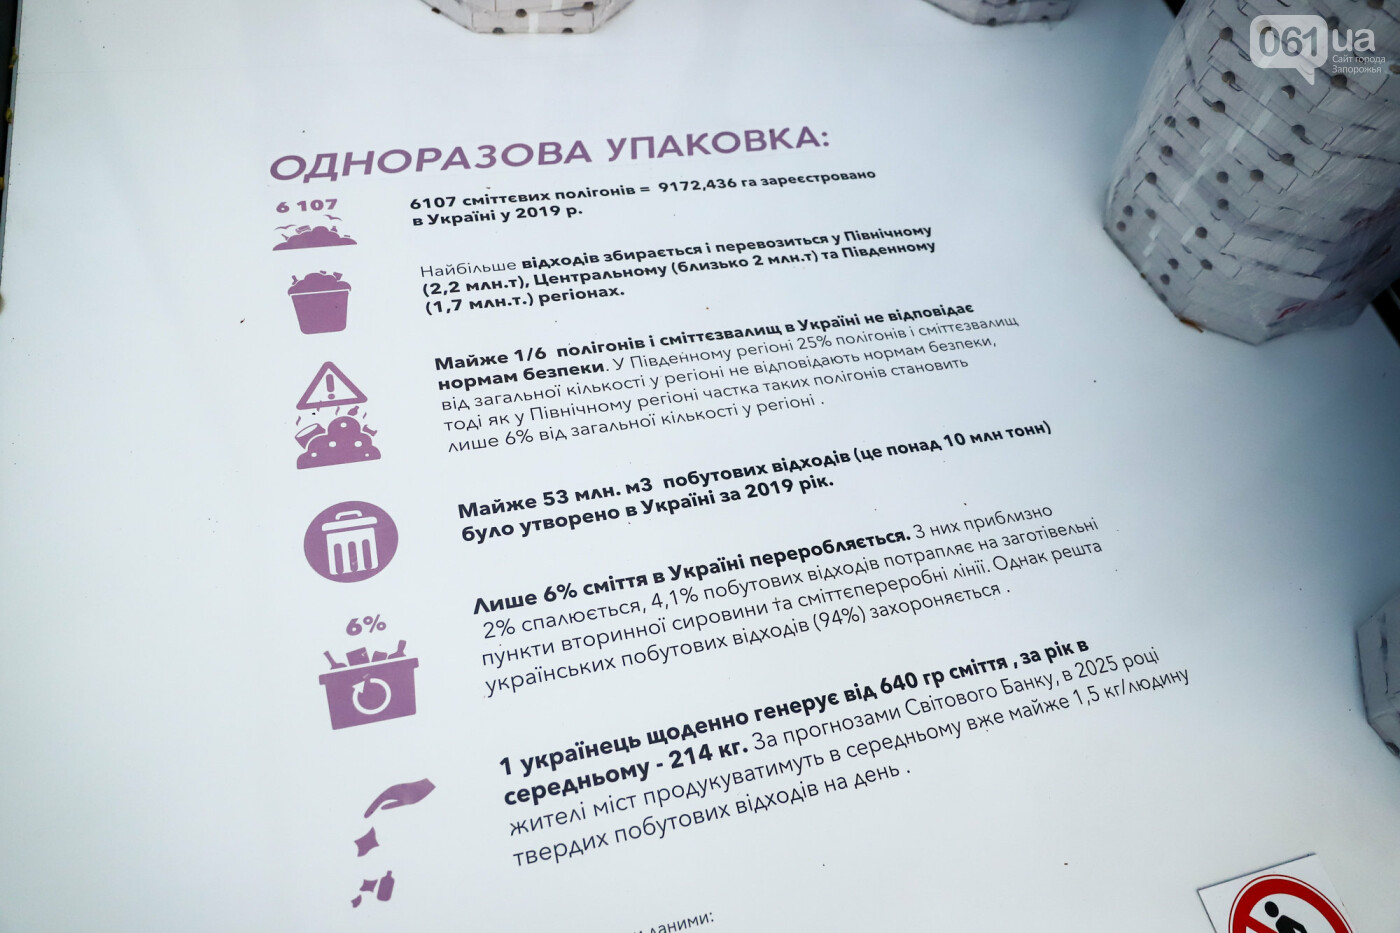 Огромная стиральная машина и комната из фольги: в центре Запорожья открылась эко-выставка, - ФОТОРЕПОРТАЖ , фото-12